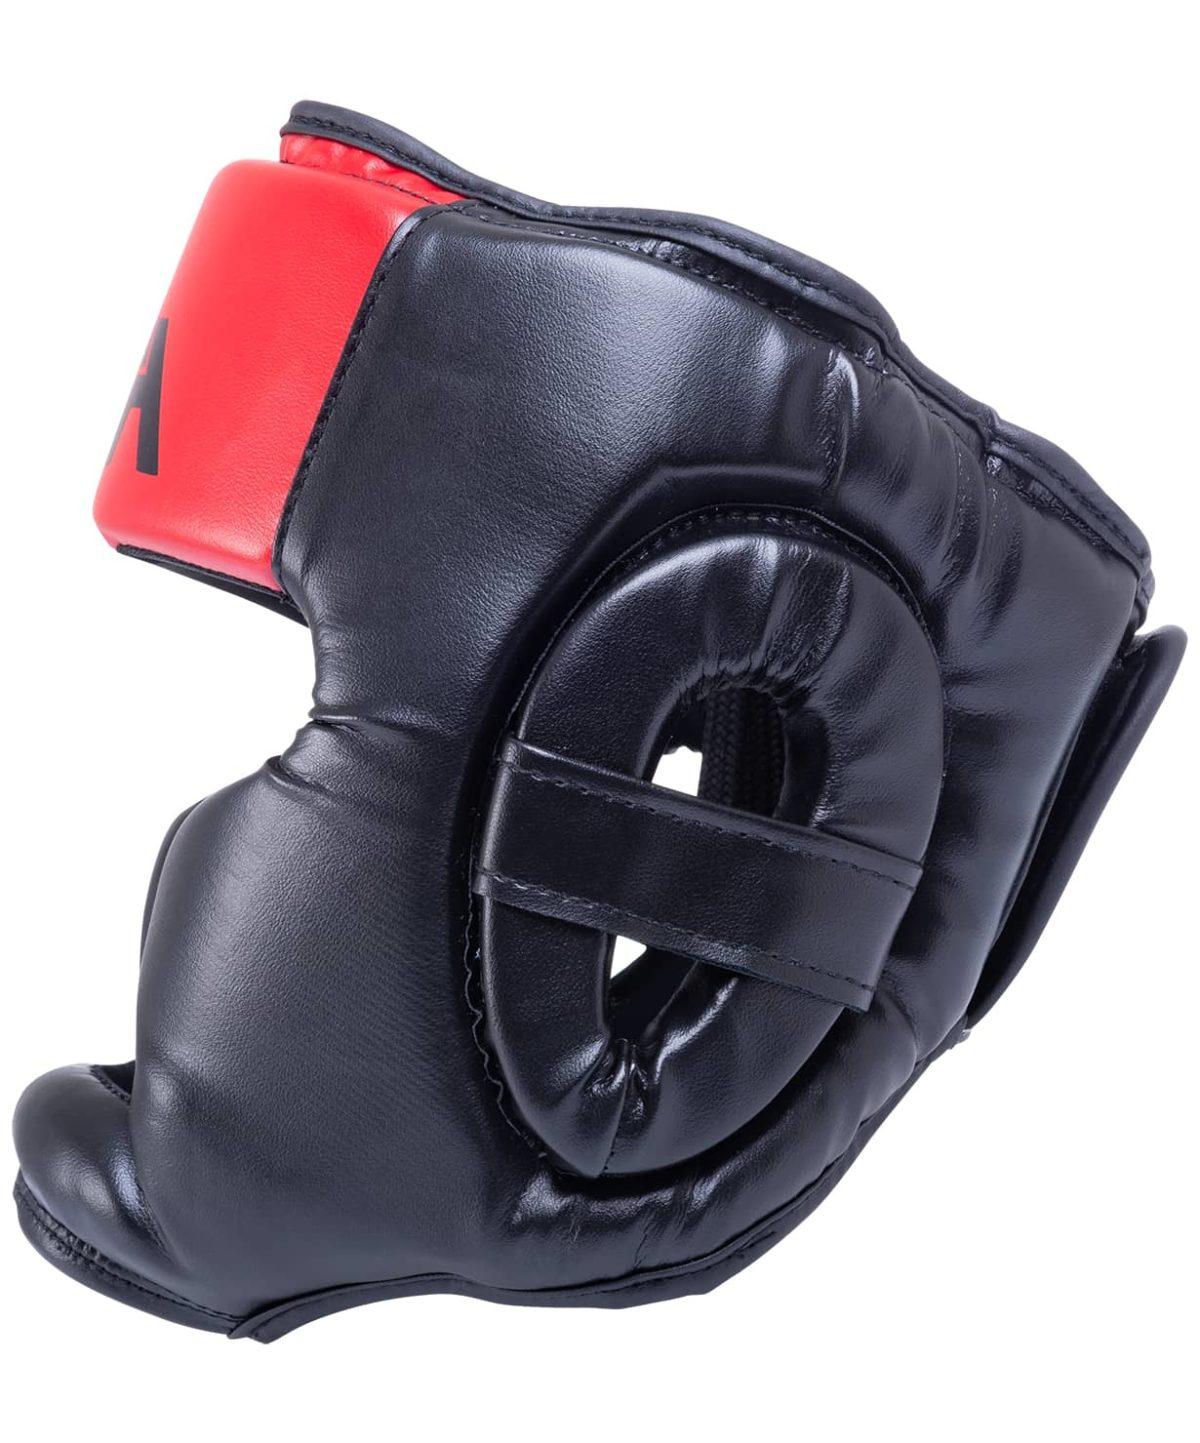 KSA Skull Red шлем закрытый  17907 - 2